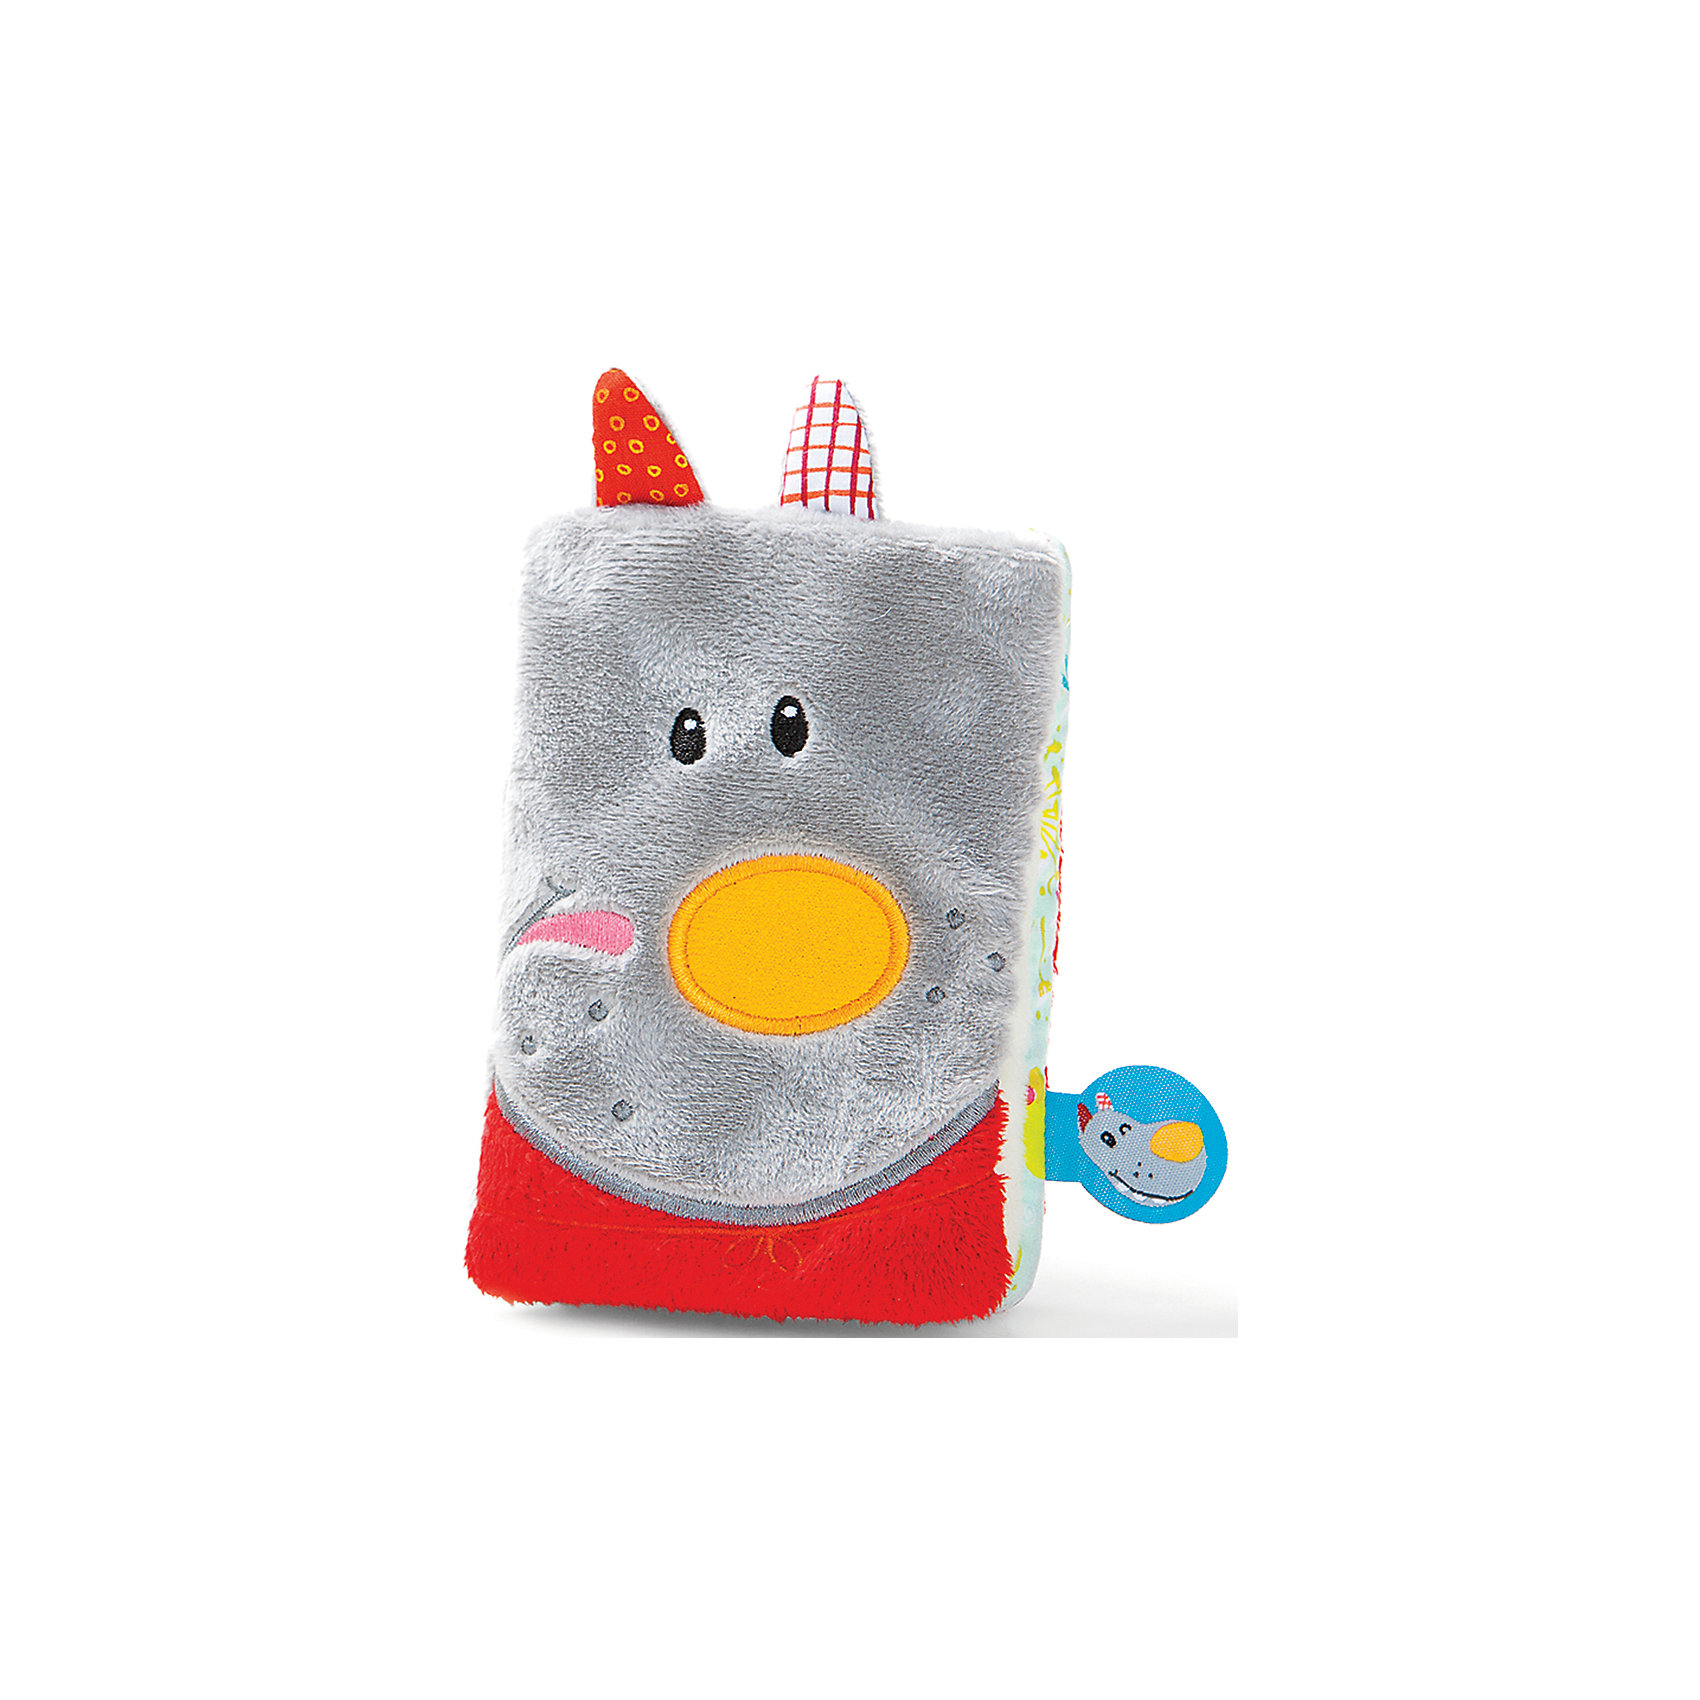 Liliputiens Смартфон Волк Николас: мягкая интерактивная игрушка, Lilliputiens игрушка смартфон